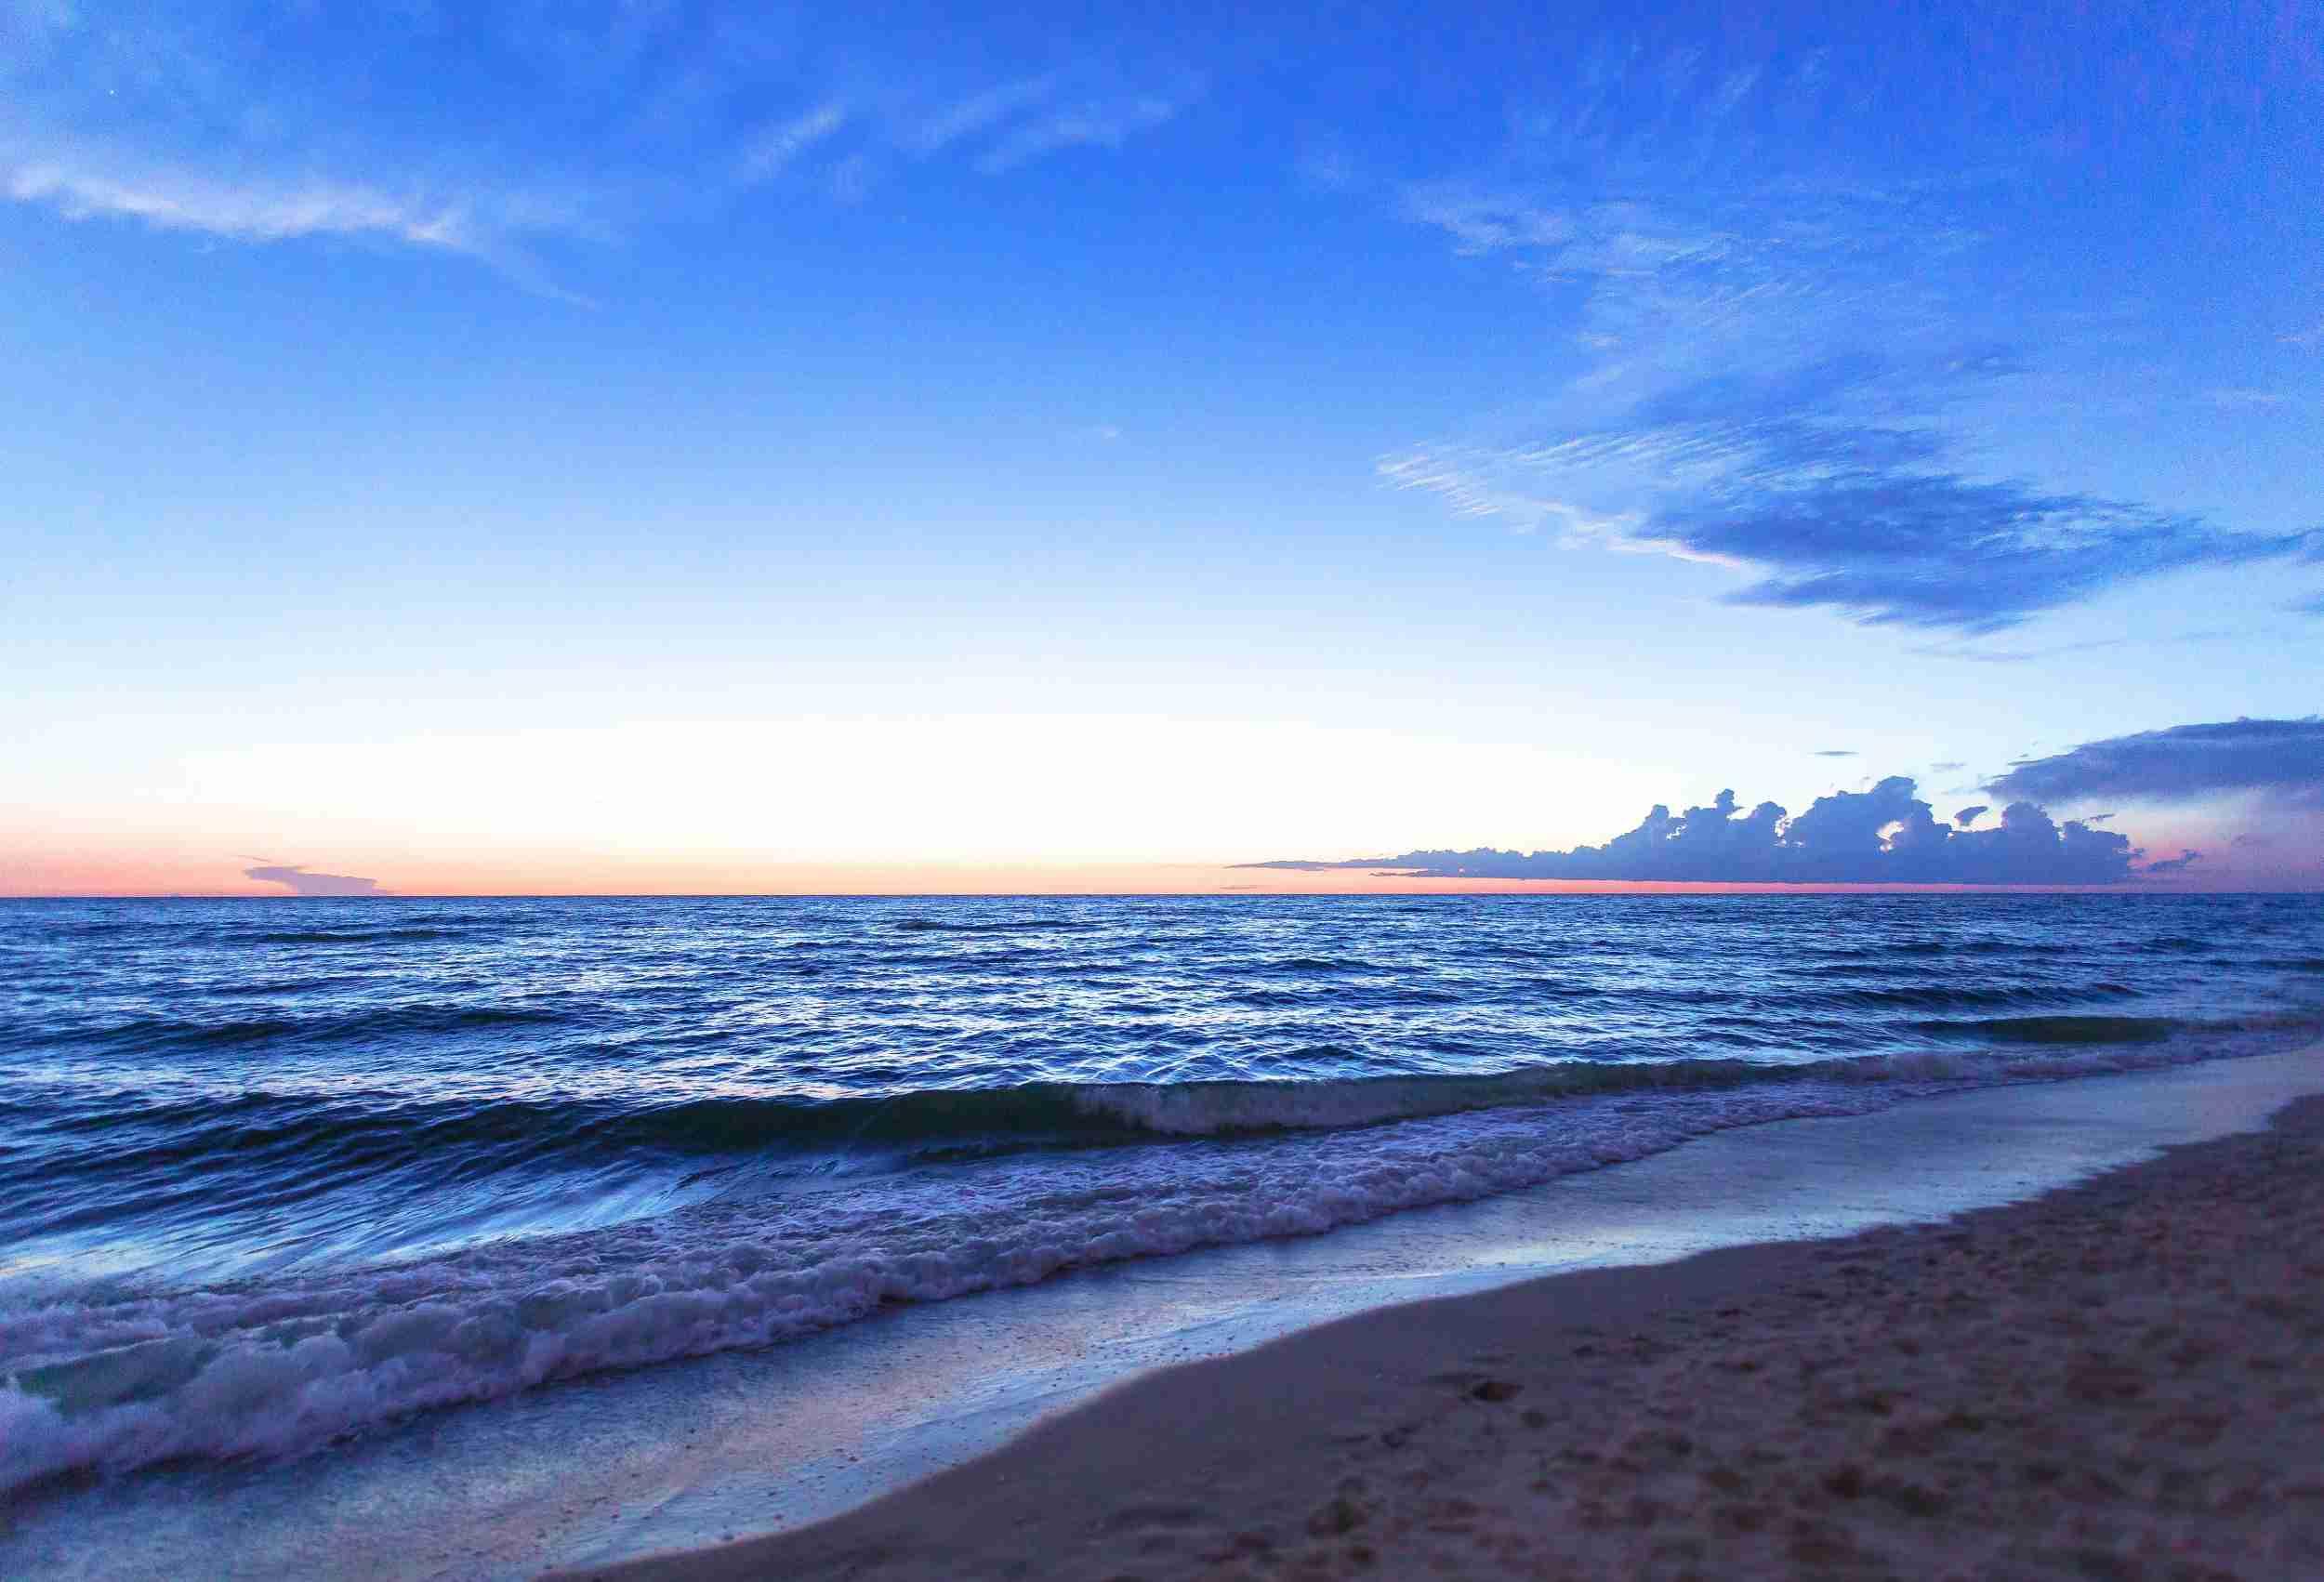 Naples Beach al anochecer